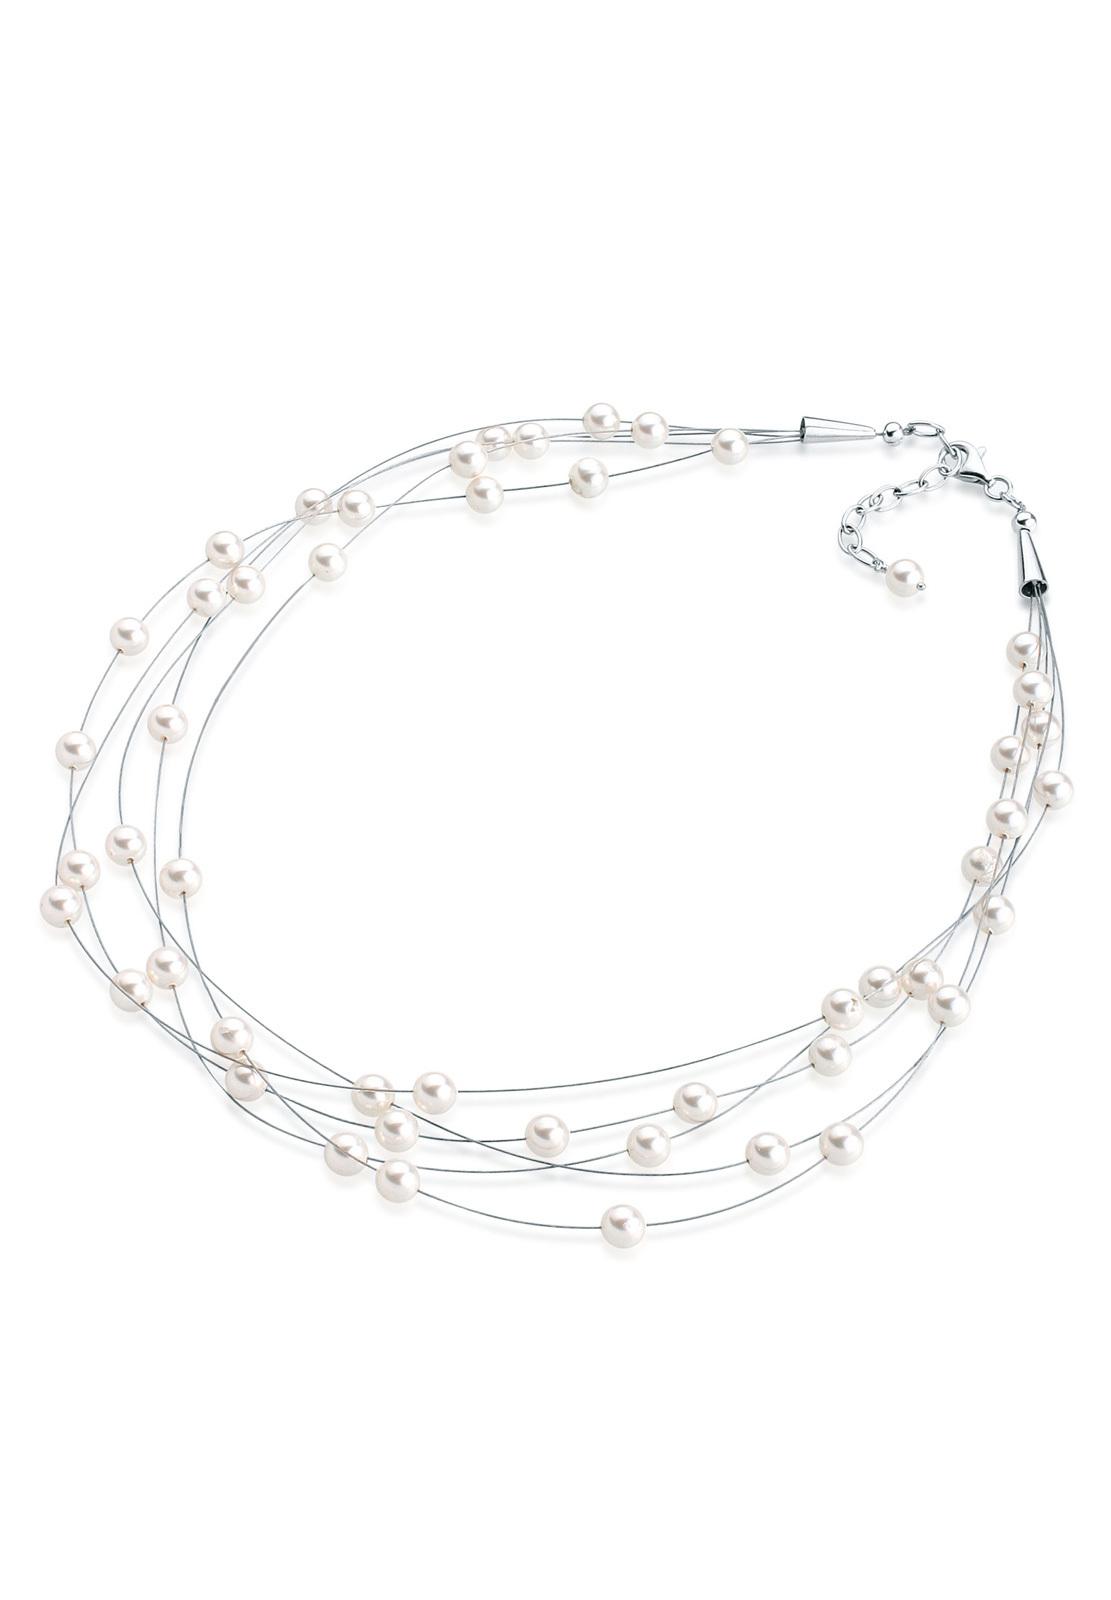 Glieder-Halskette   Perle   925er Sterling Silber